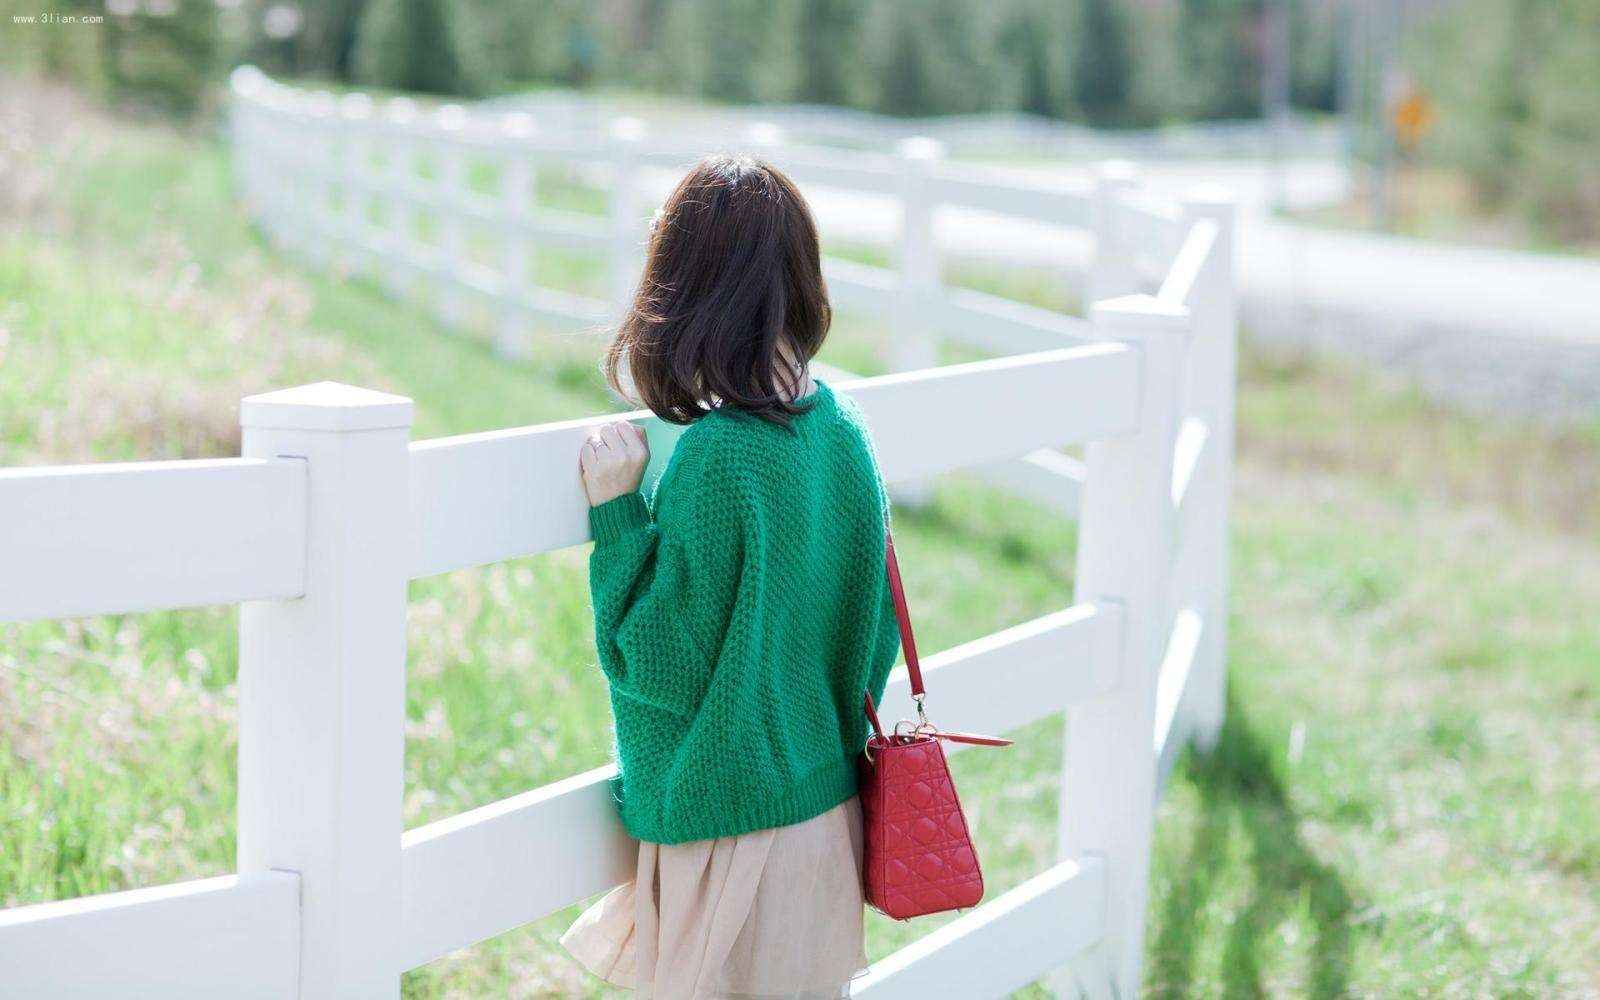 【纠结】心情不好想找人聊聊天,好像还是一个人呆着最舒!